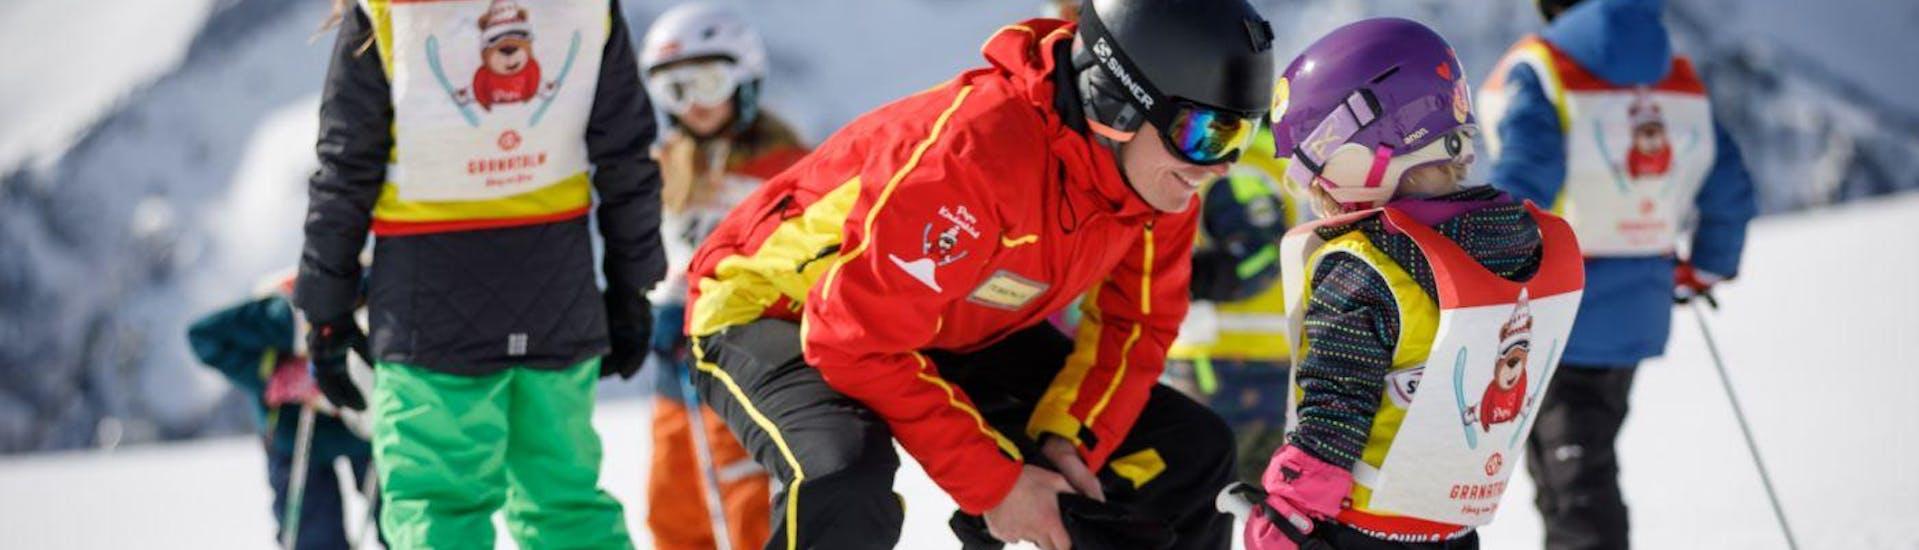 Cours particulier de ski Enfants pour Tous niveaux avec Skischule Sunny Finkenberg - Hero image